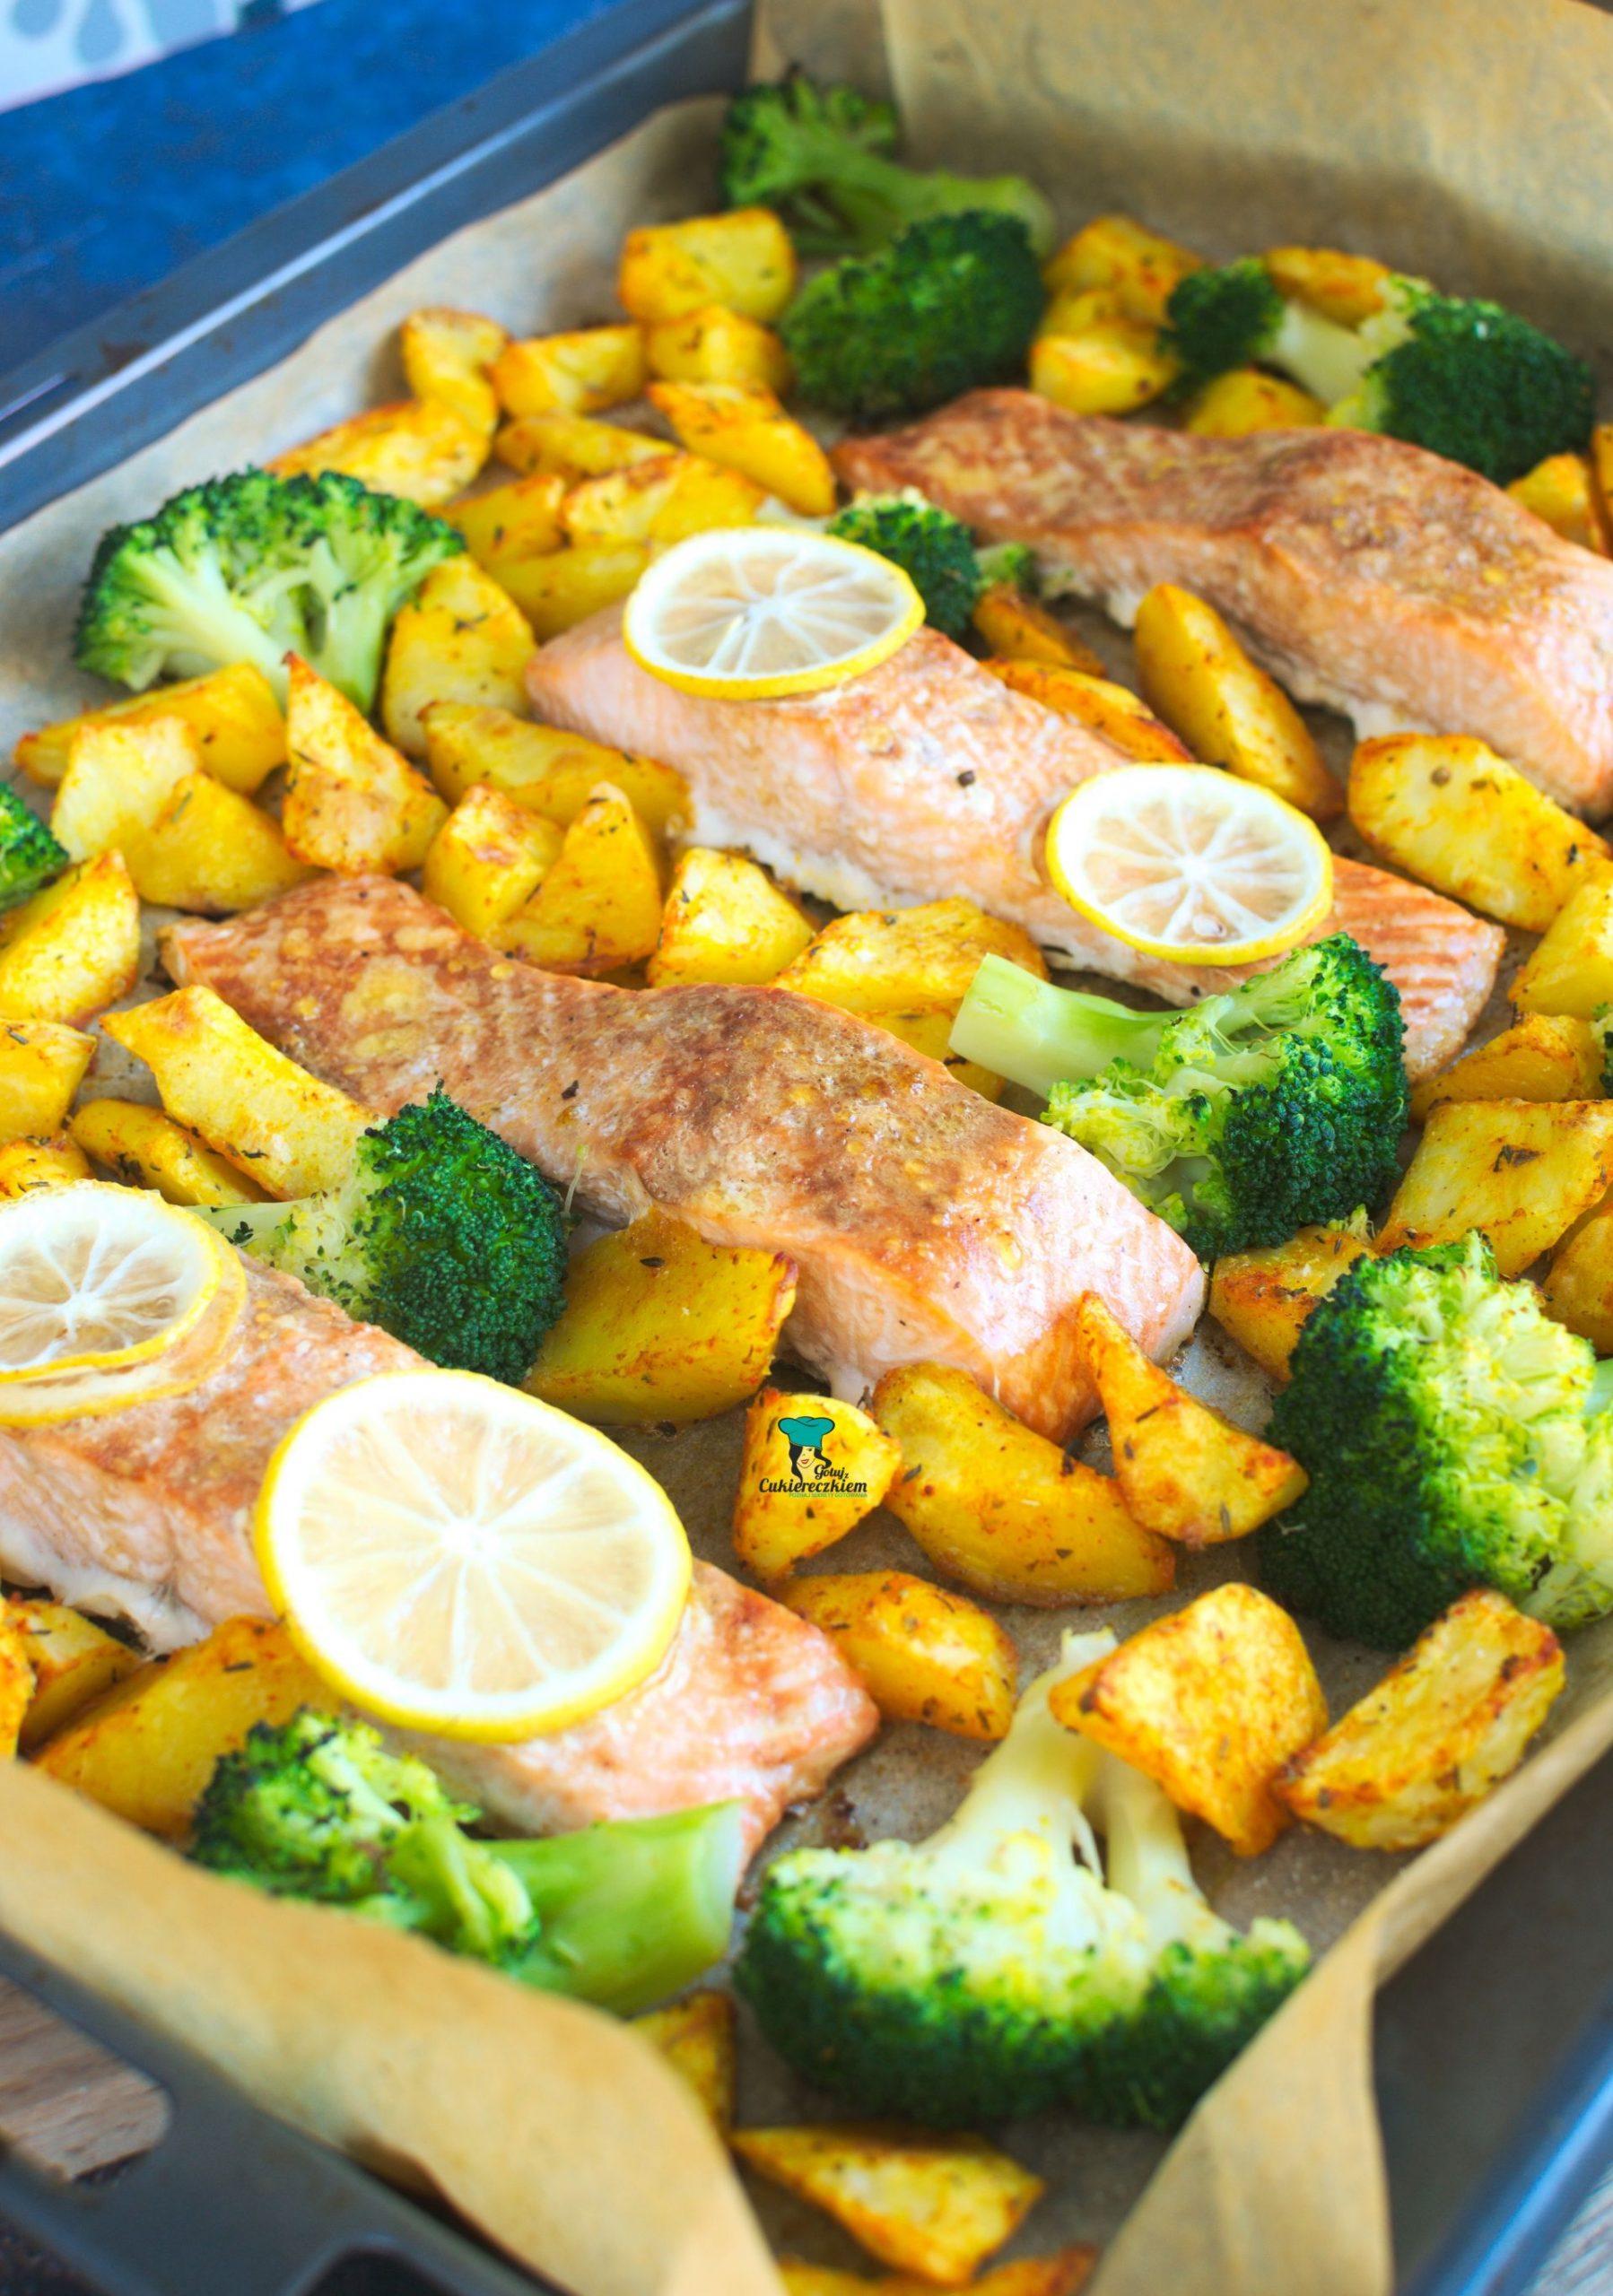 Łosoś cytrynowy pieczony z ziemniakami i brokułem